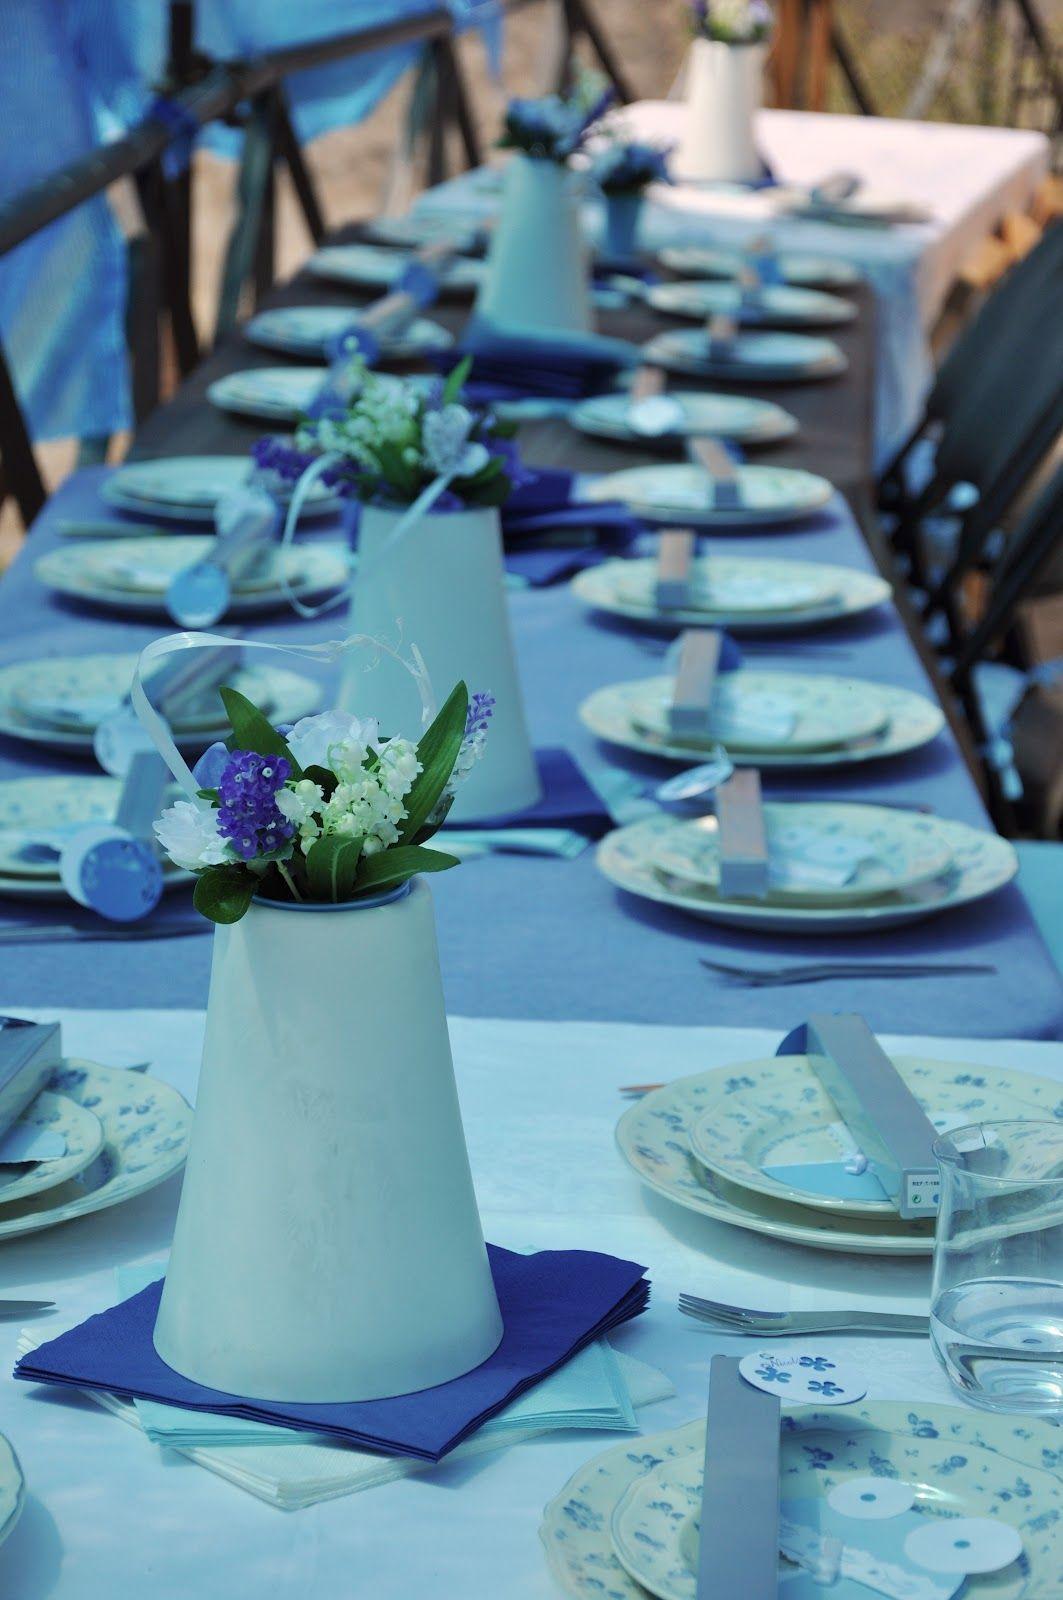 Delikatne Kwiaty I Bialo Niebieskie Nakrycia Stolu Blue Party Party Blue Bird